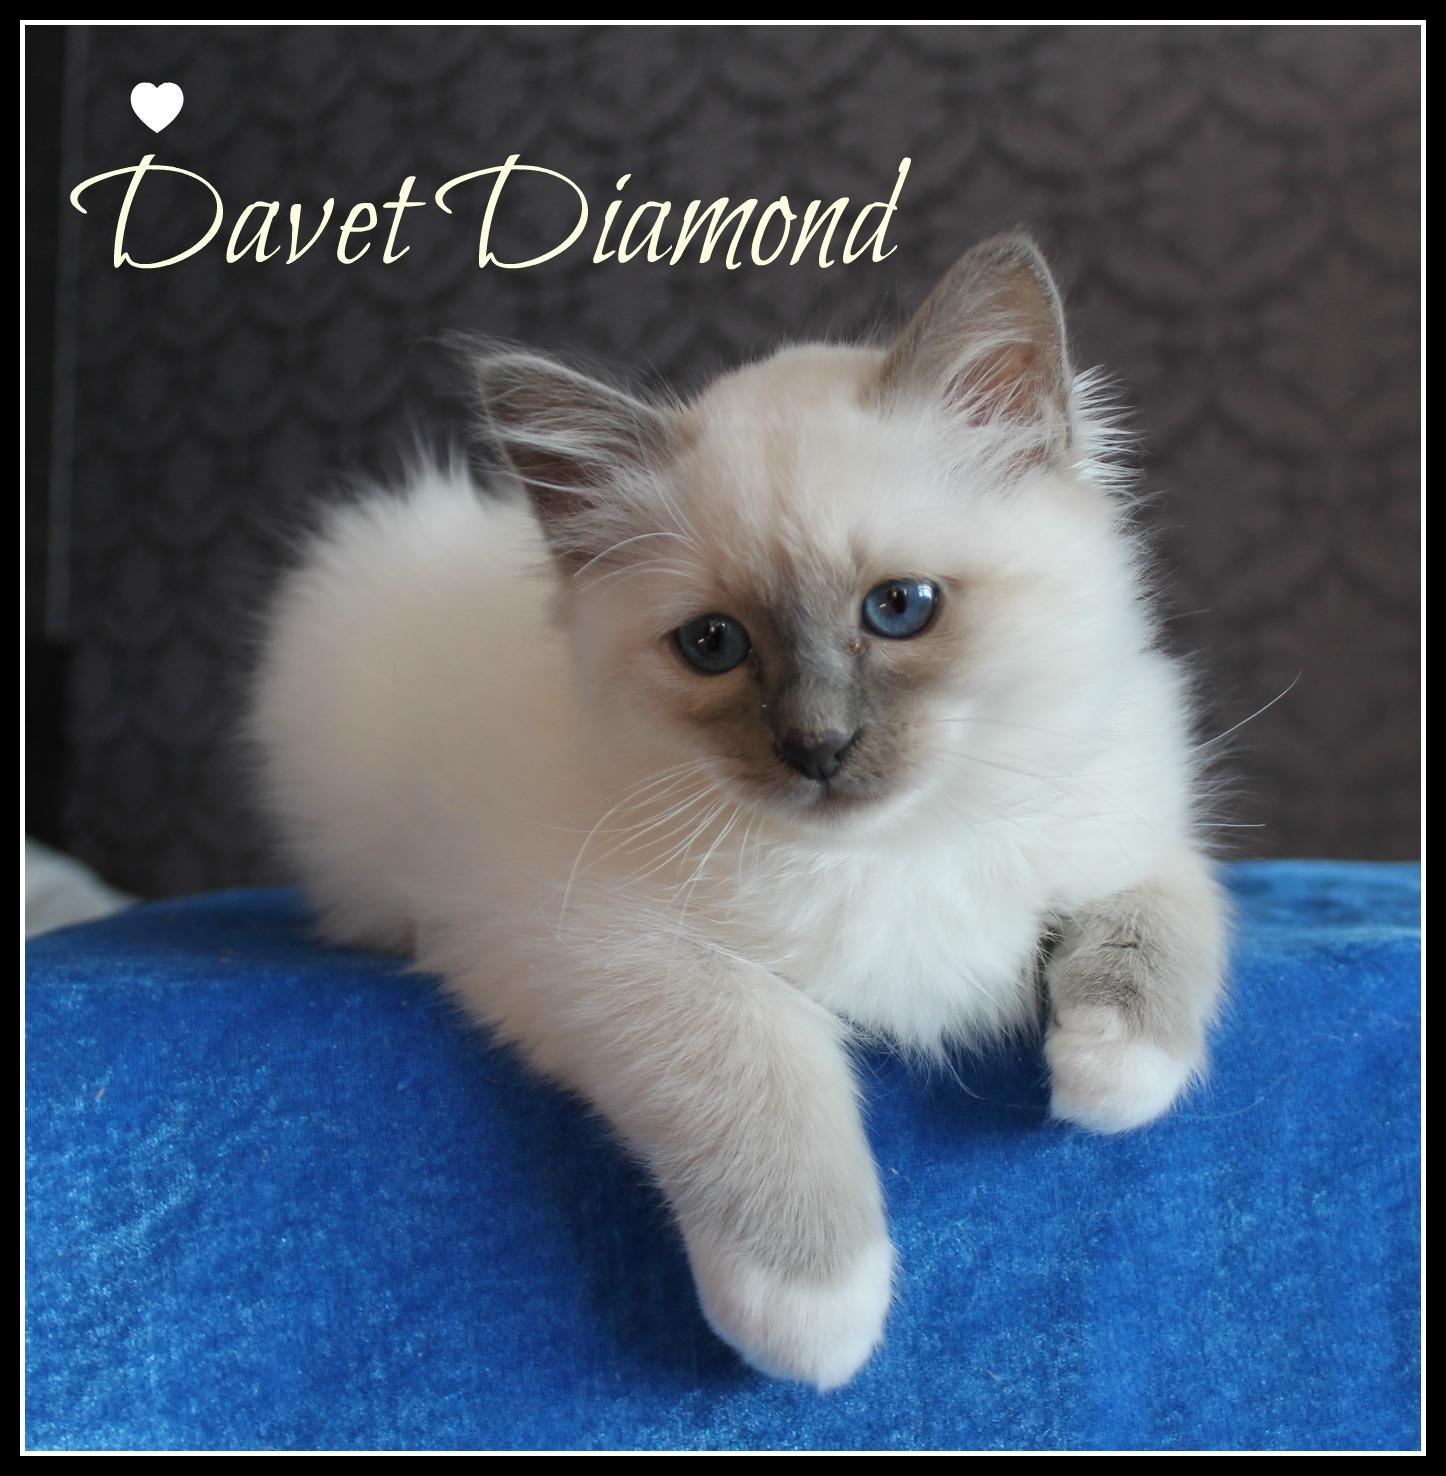 davet-3